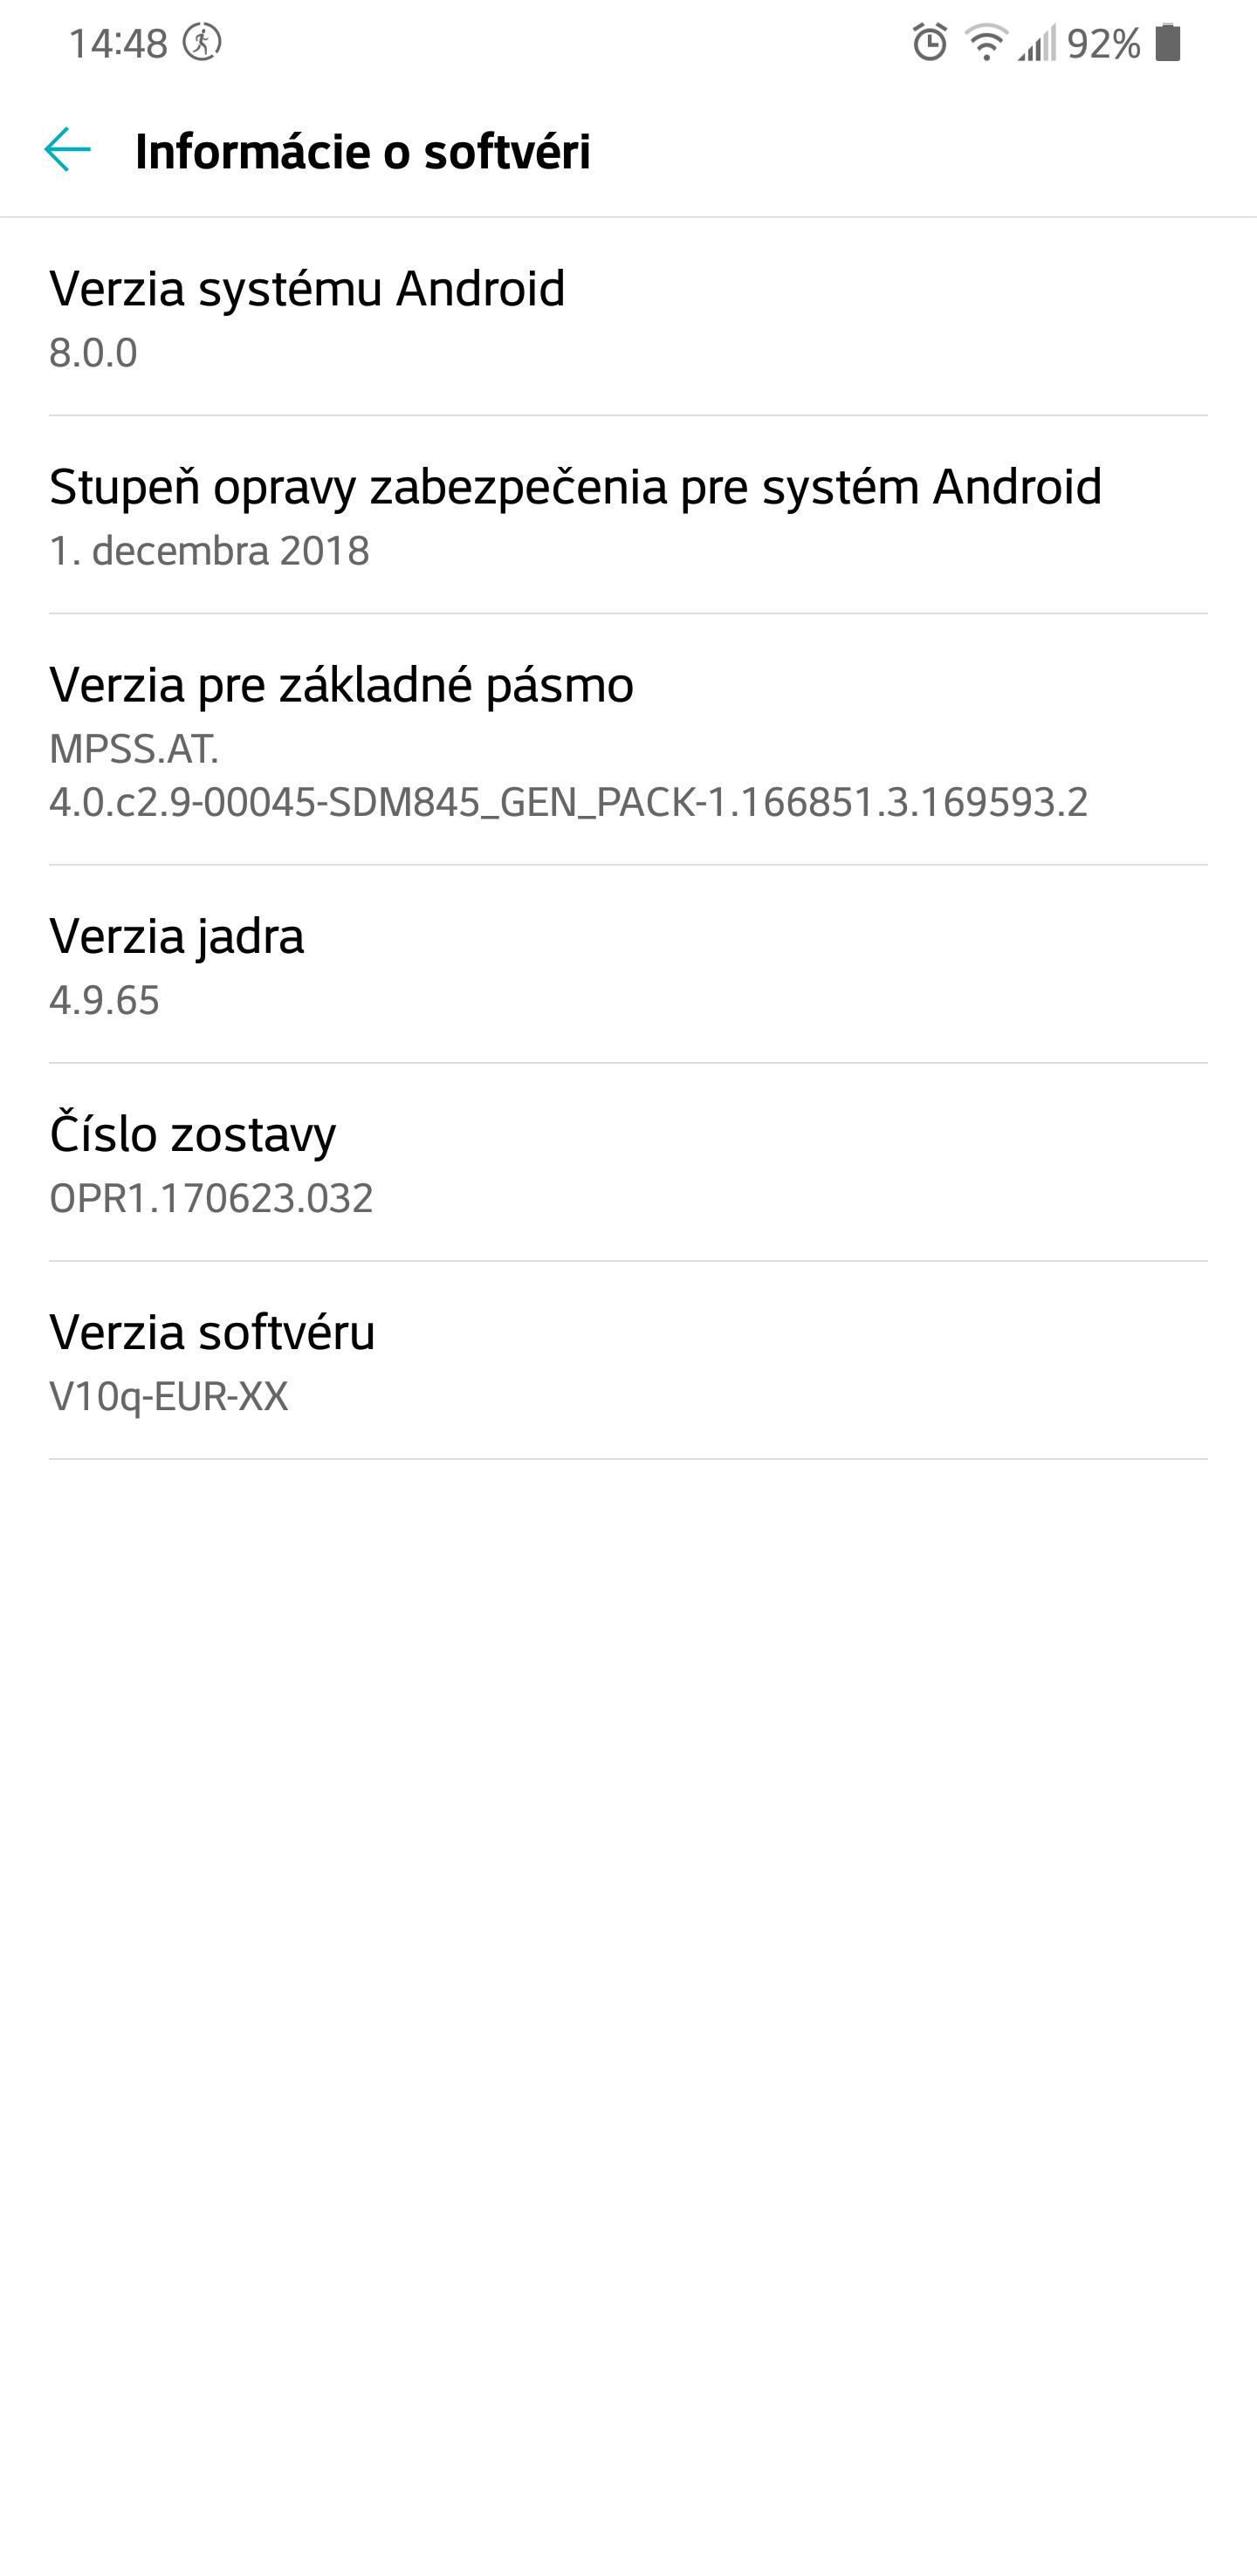 mobilný datovania softvér